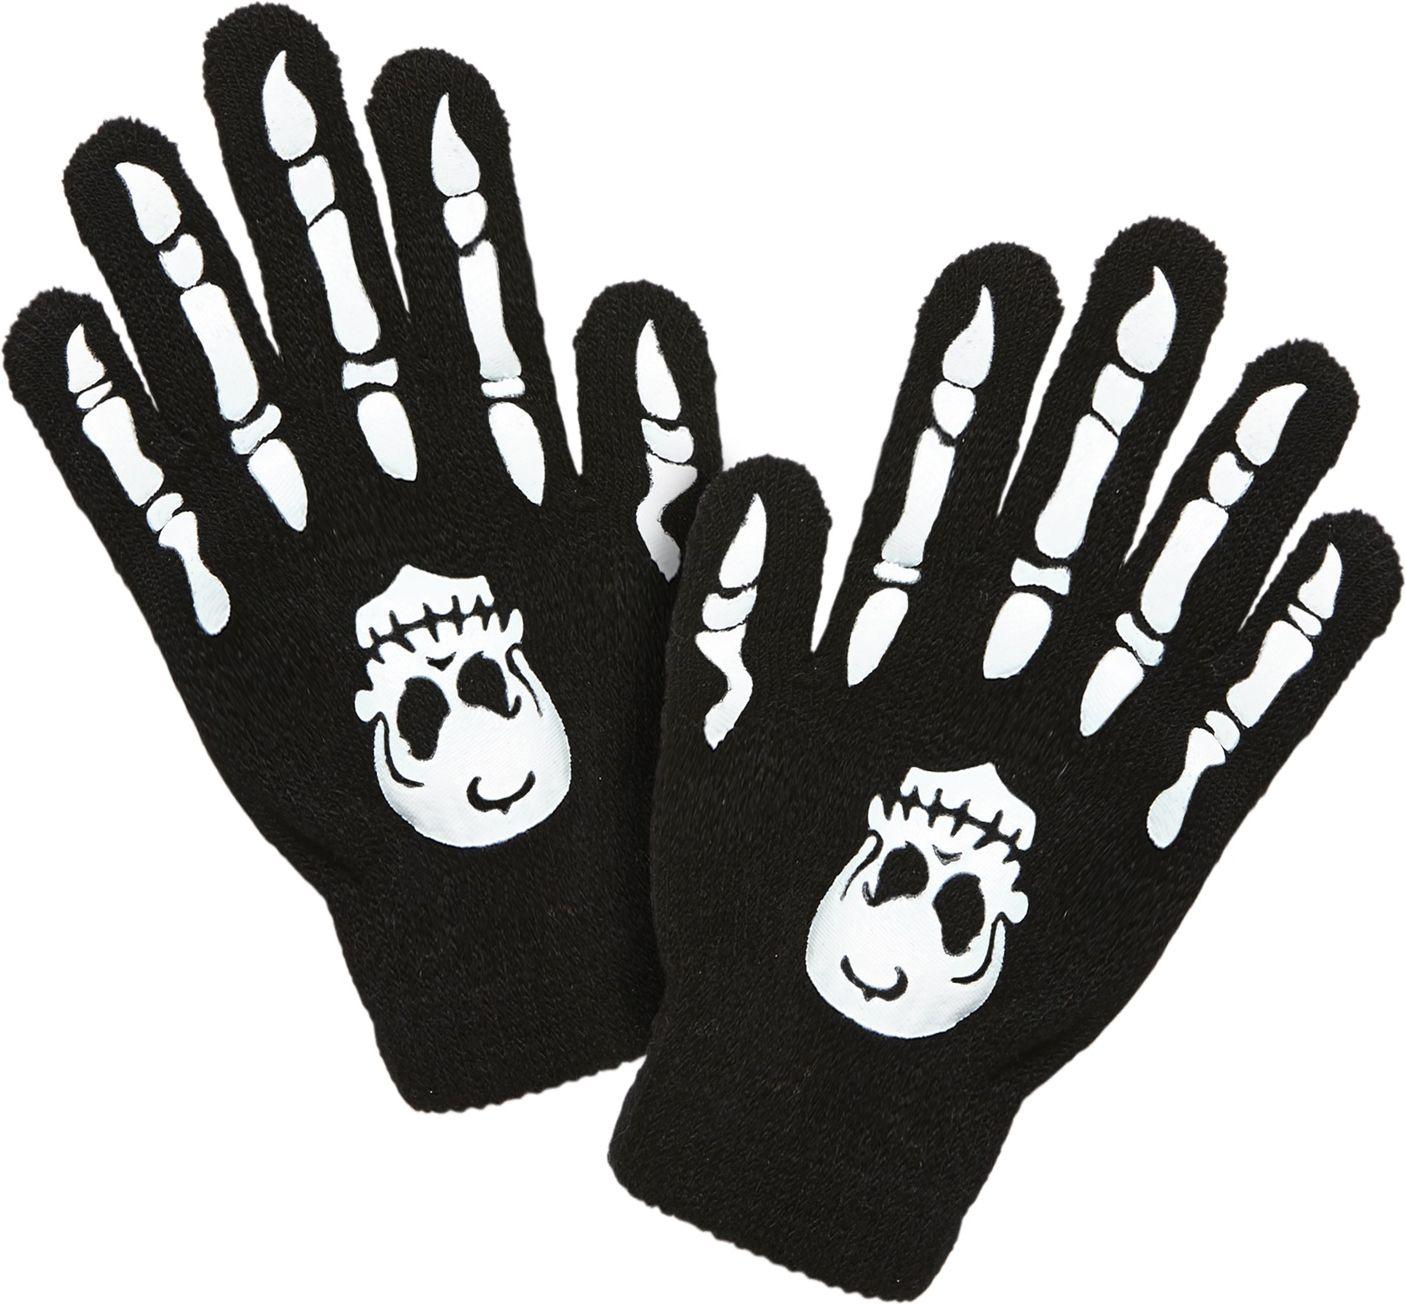 Botten met schedel handschoenen